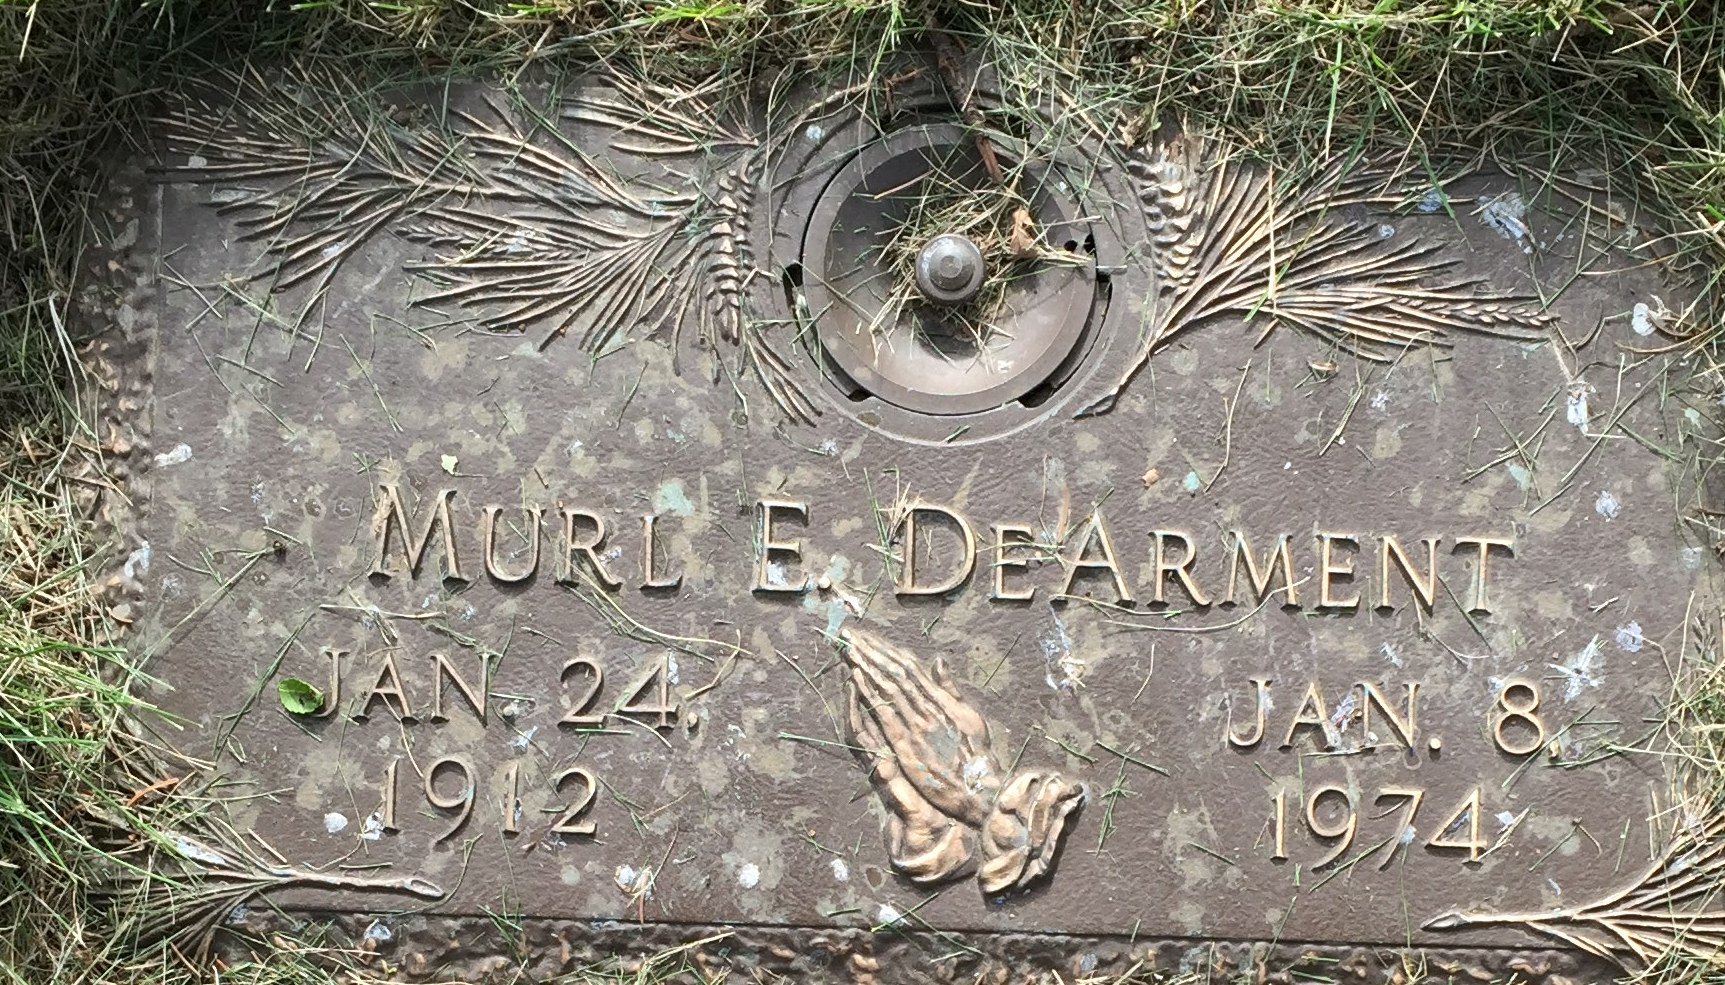 Murl Emerson DeArment